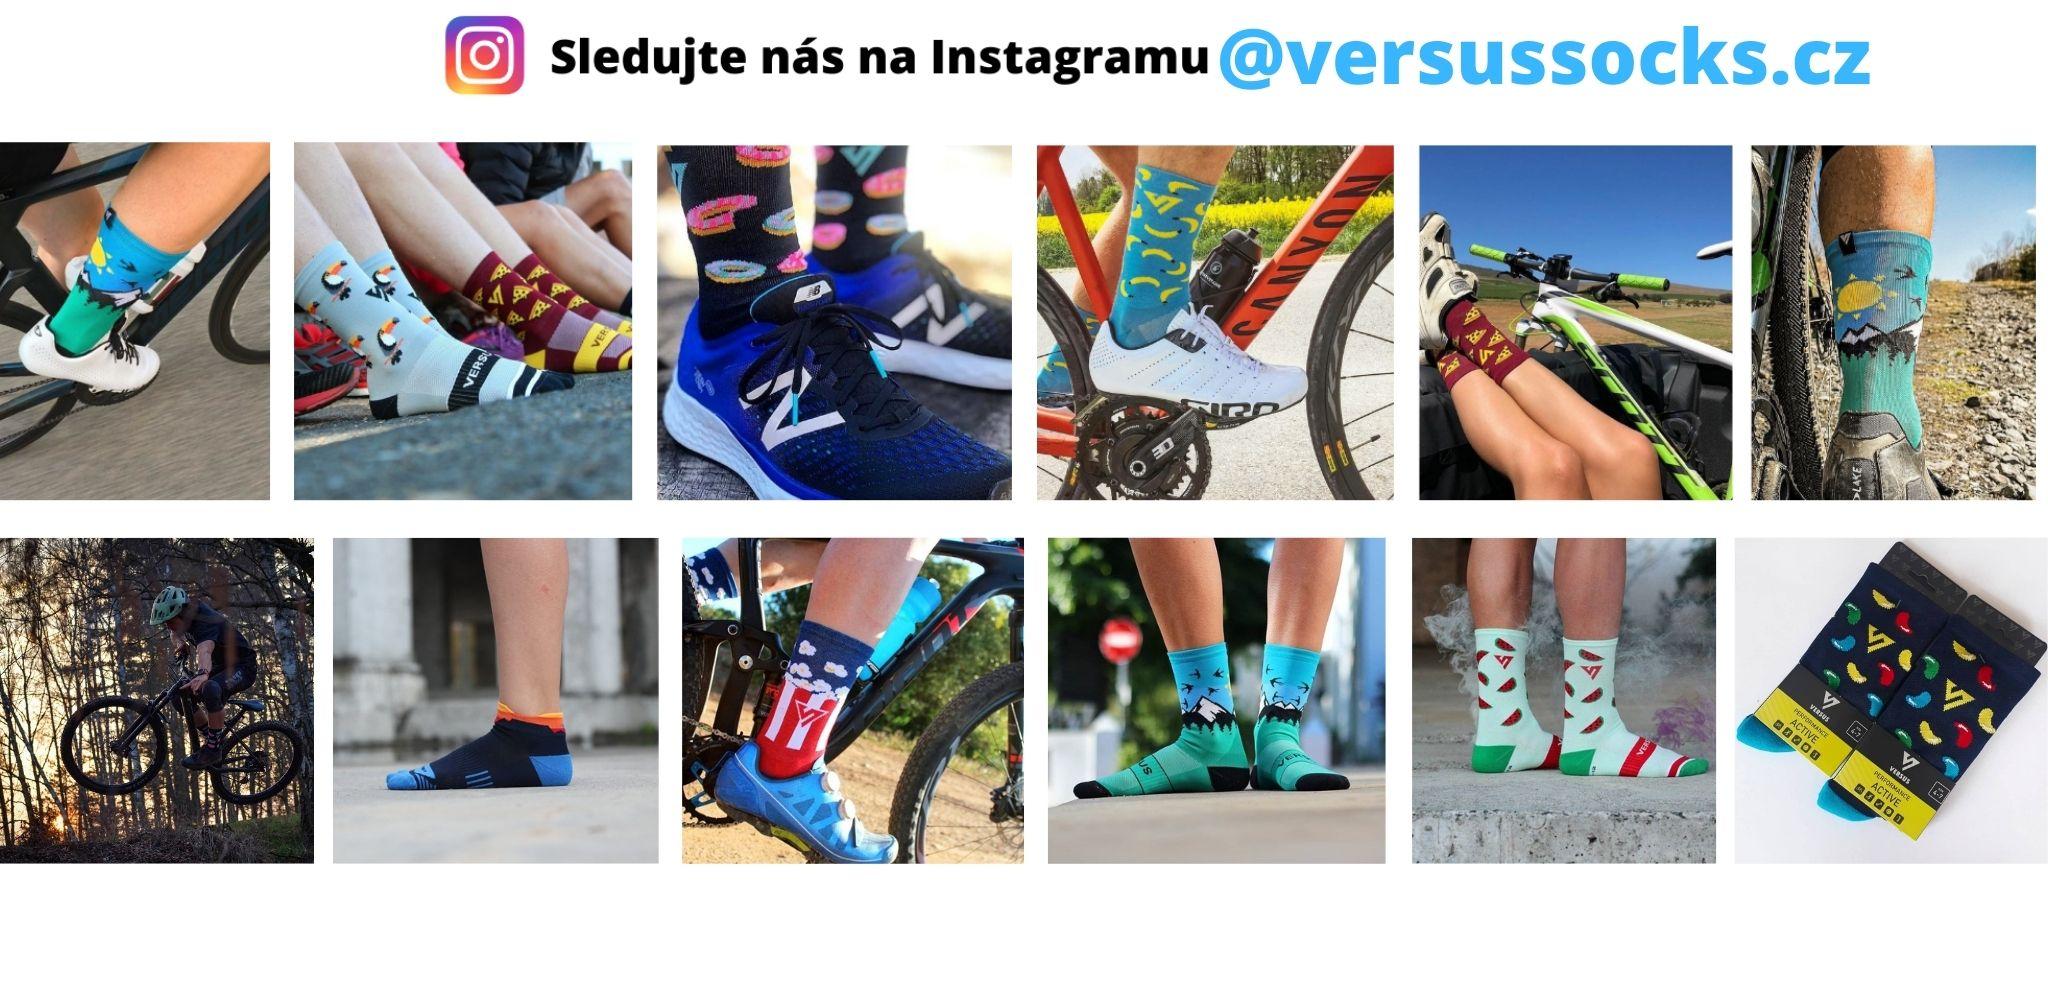 Sledujte nás na instagramu versussocks.cz